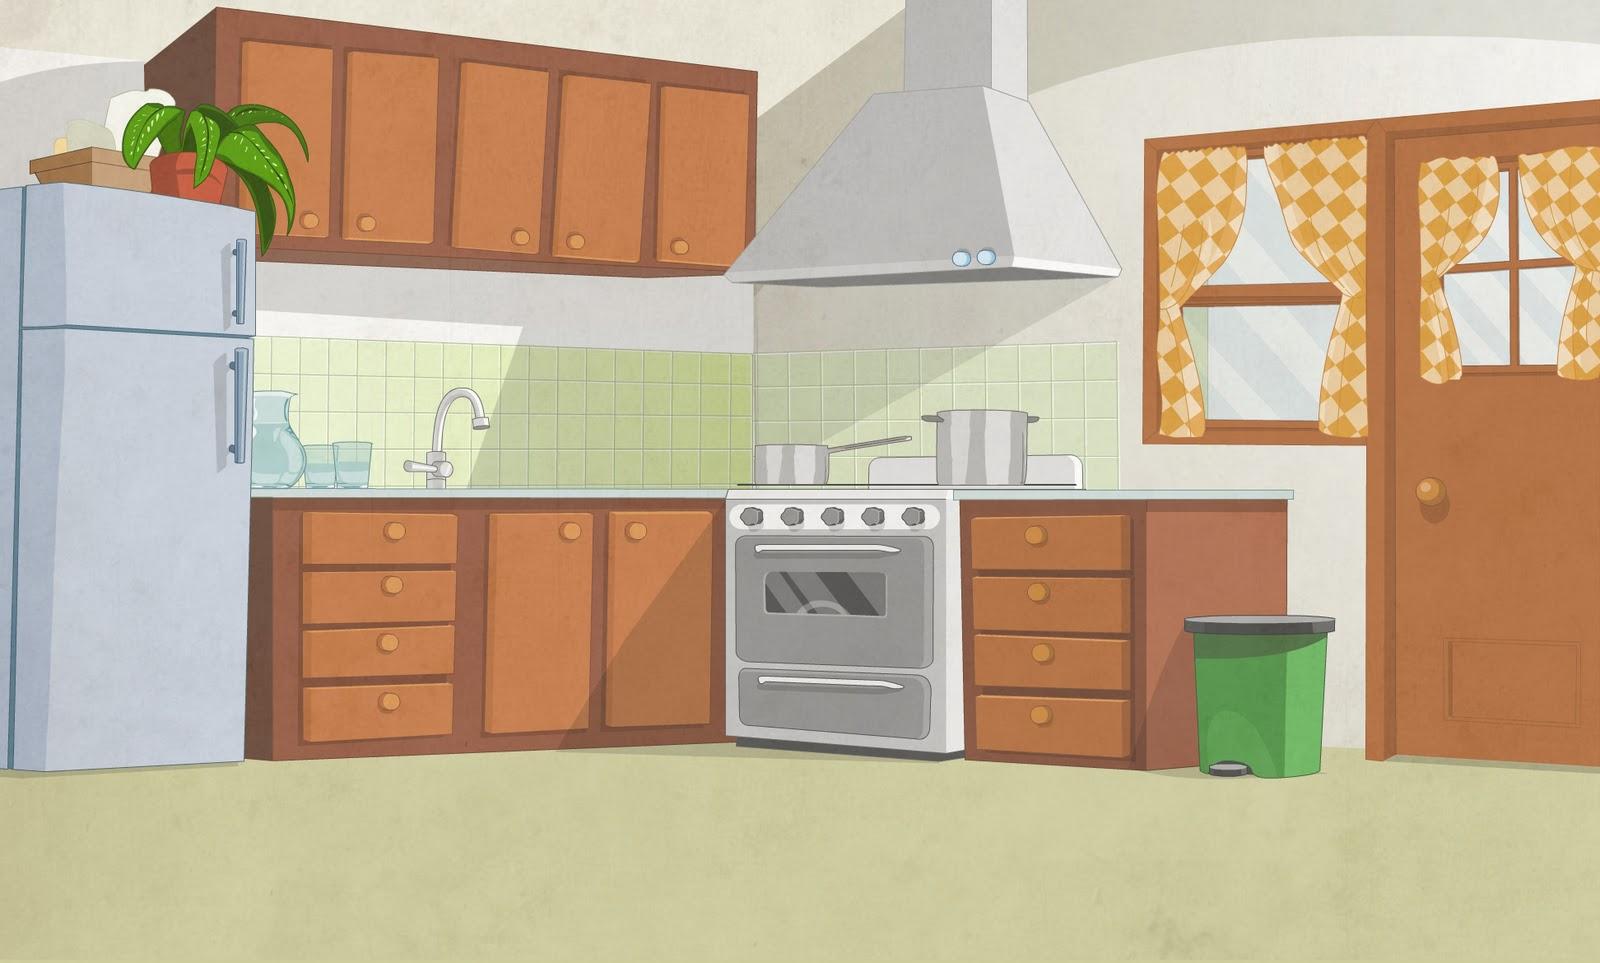 Mansilla ilustraciones fondos - Dibujo de cocinas ...